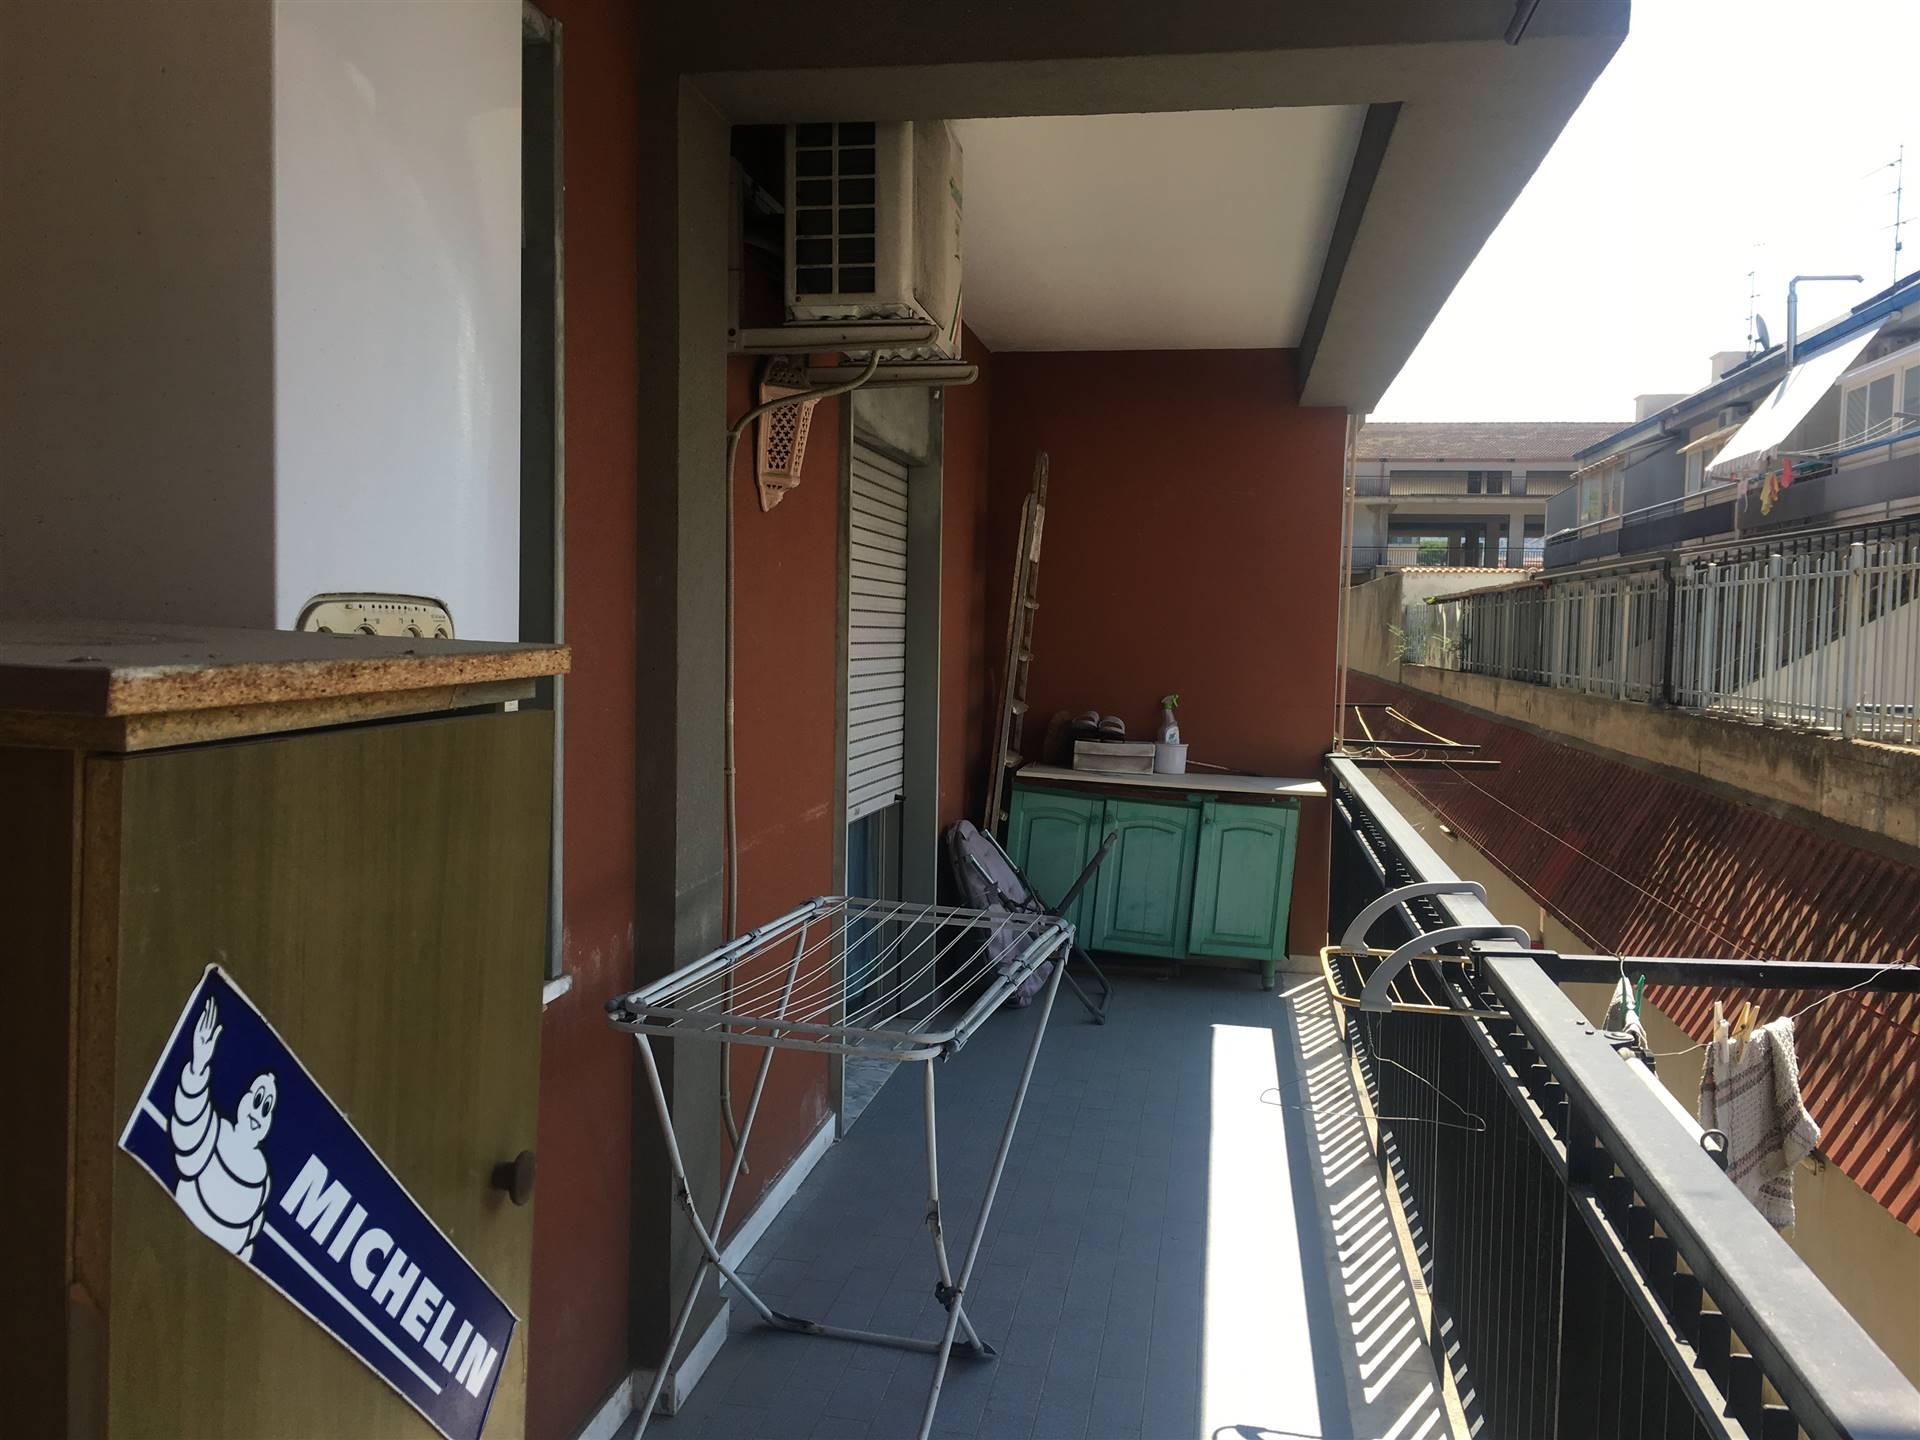 Appartamento in vendita a Caserta, 2 locali, zona Zona: Centro, prezzo € 78.000 | CambioCasa.it